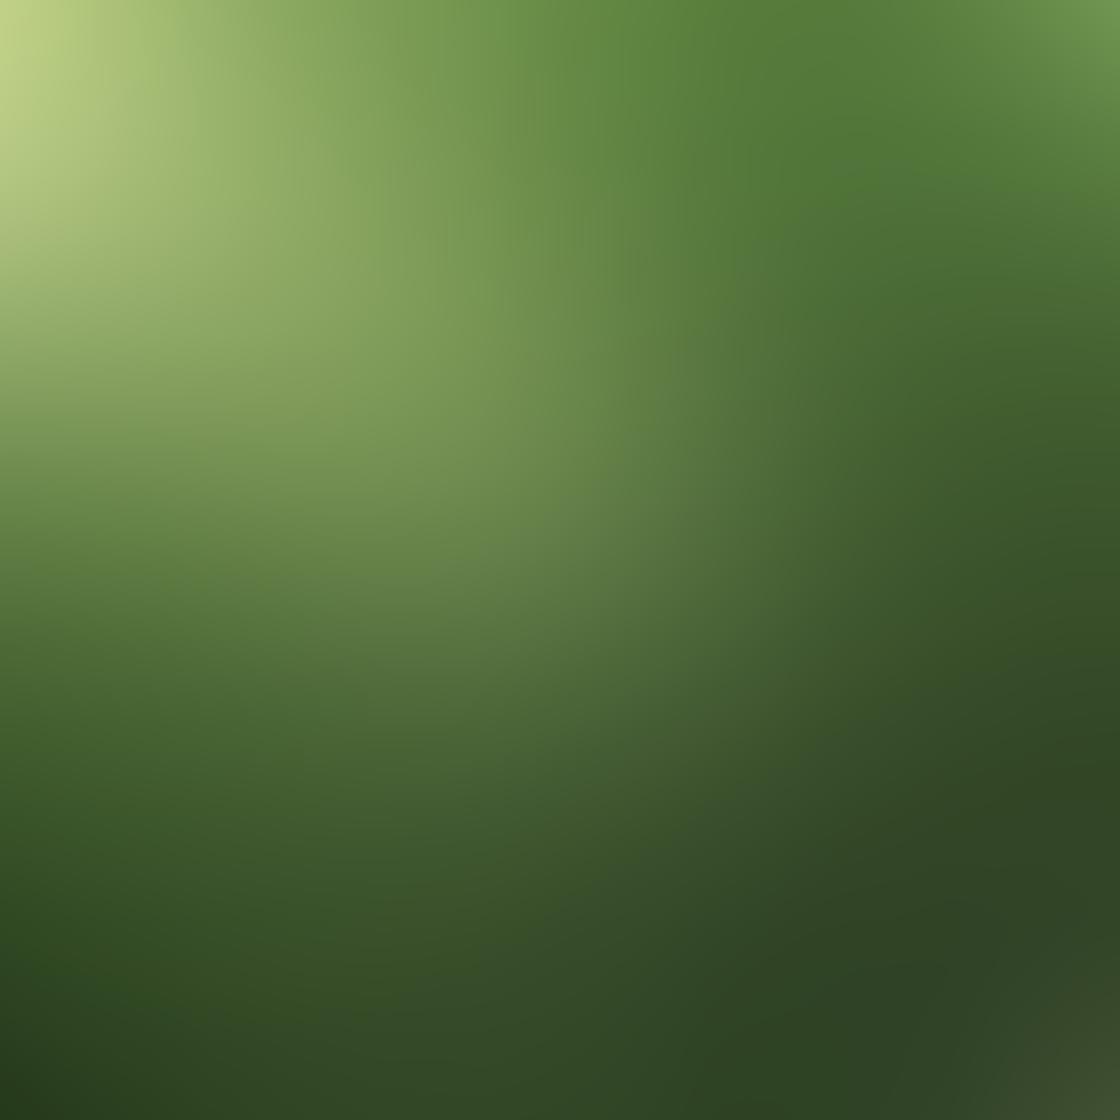 iPhone Photos Texture 5